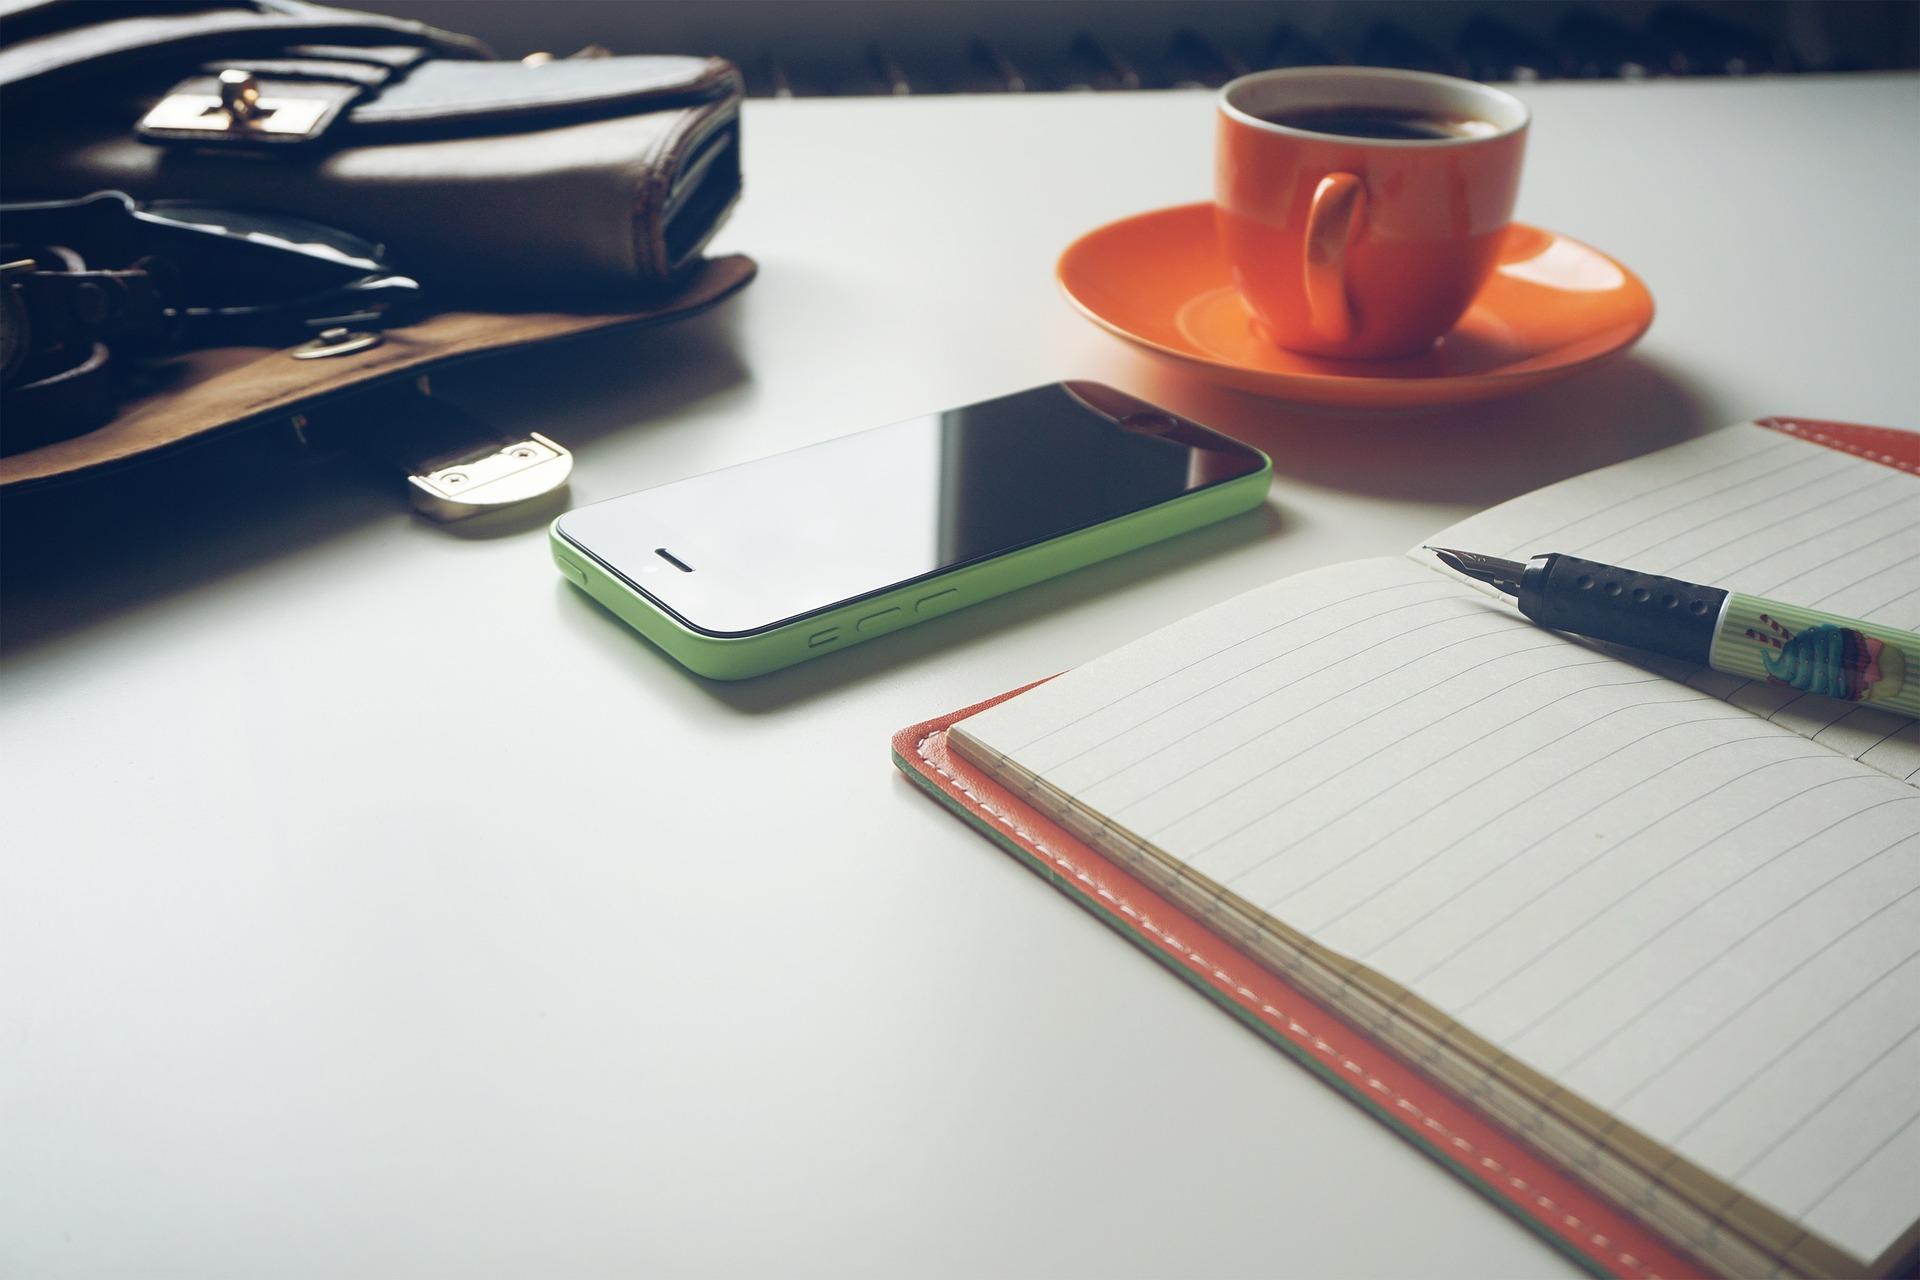 Delega a un'Assistente Virtuale e riappropriati di un po' di quel tempo necessario a far crescere il tuo Business!